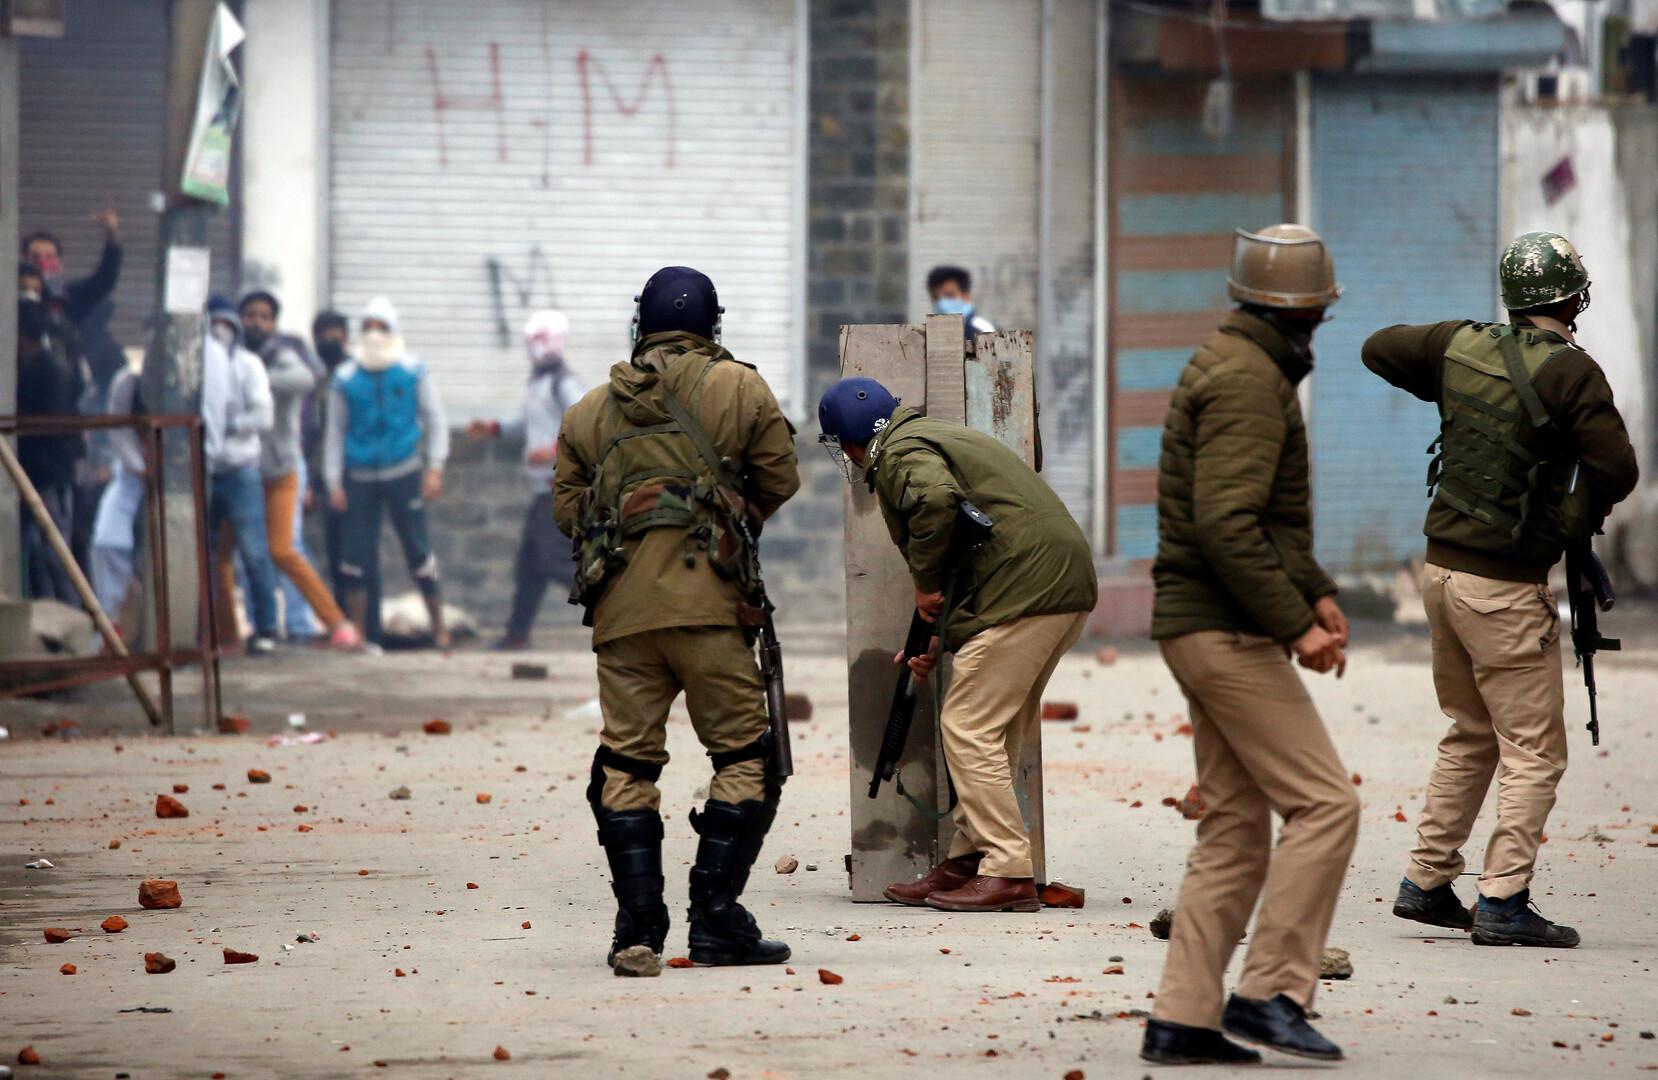 الهند تتهم باكستان بمحاولة تأجيج العنف في كشمير وتكشف عن معلومات استخباراتية